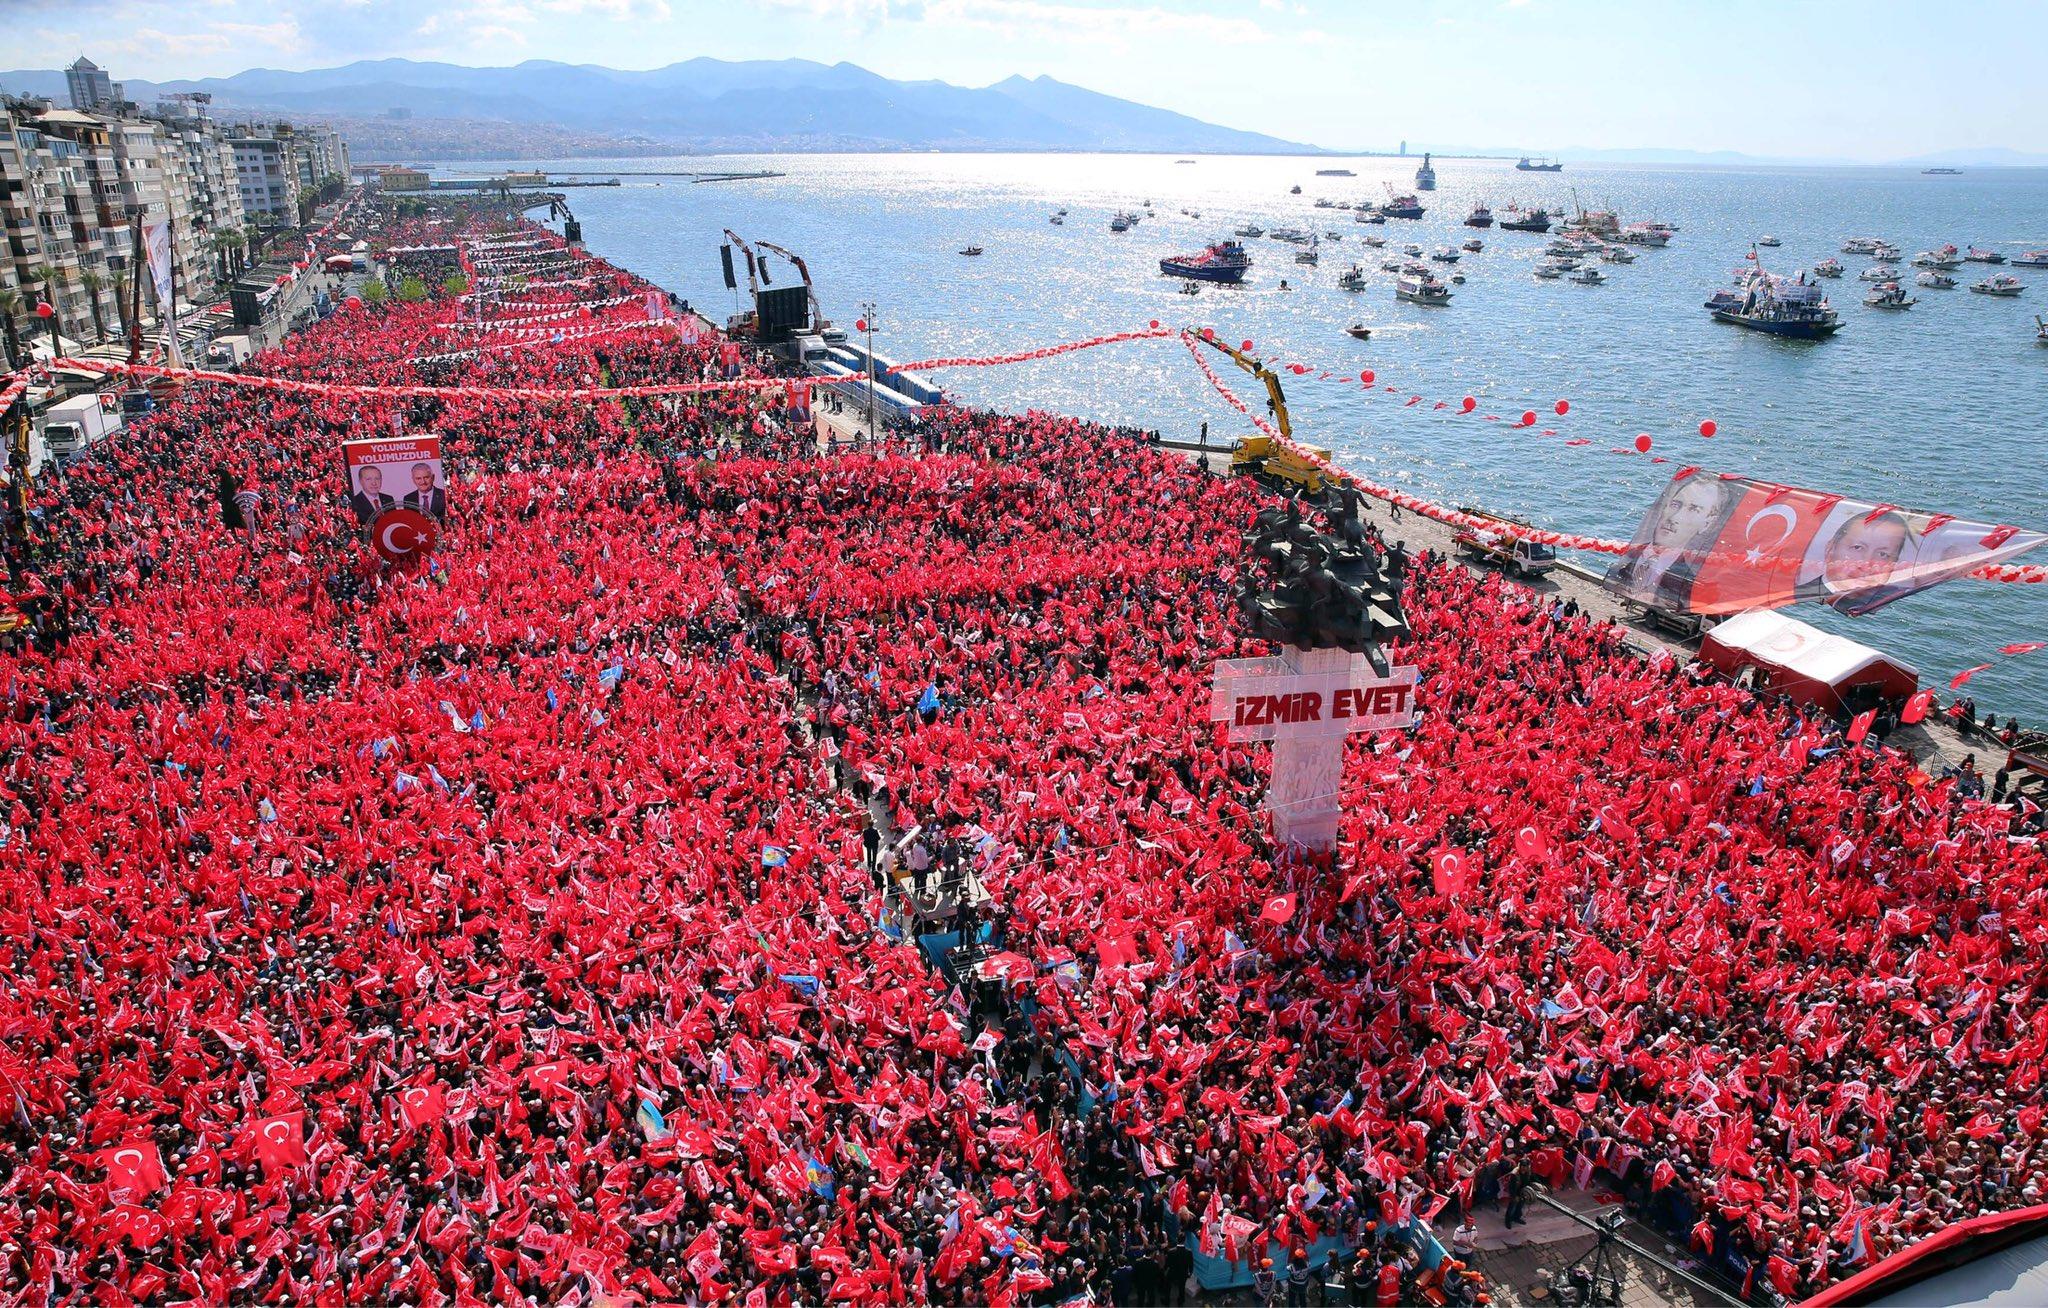 Teşekkürler İzmir! https://t.co/OHVRU9APTA